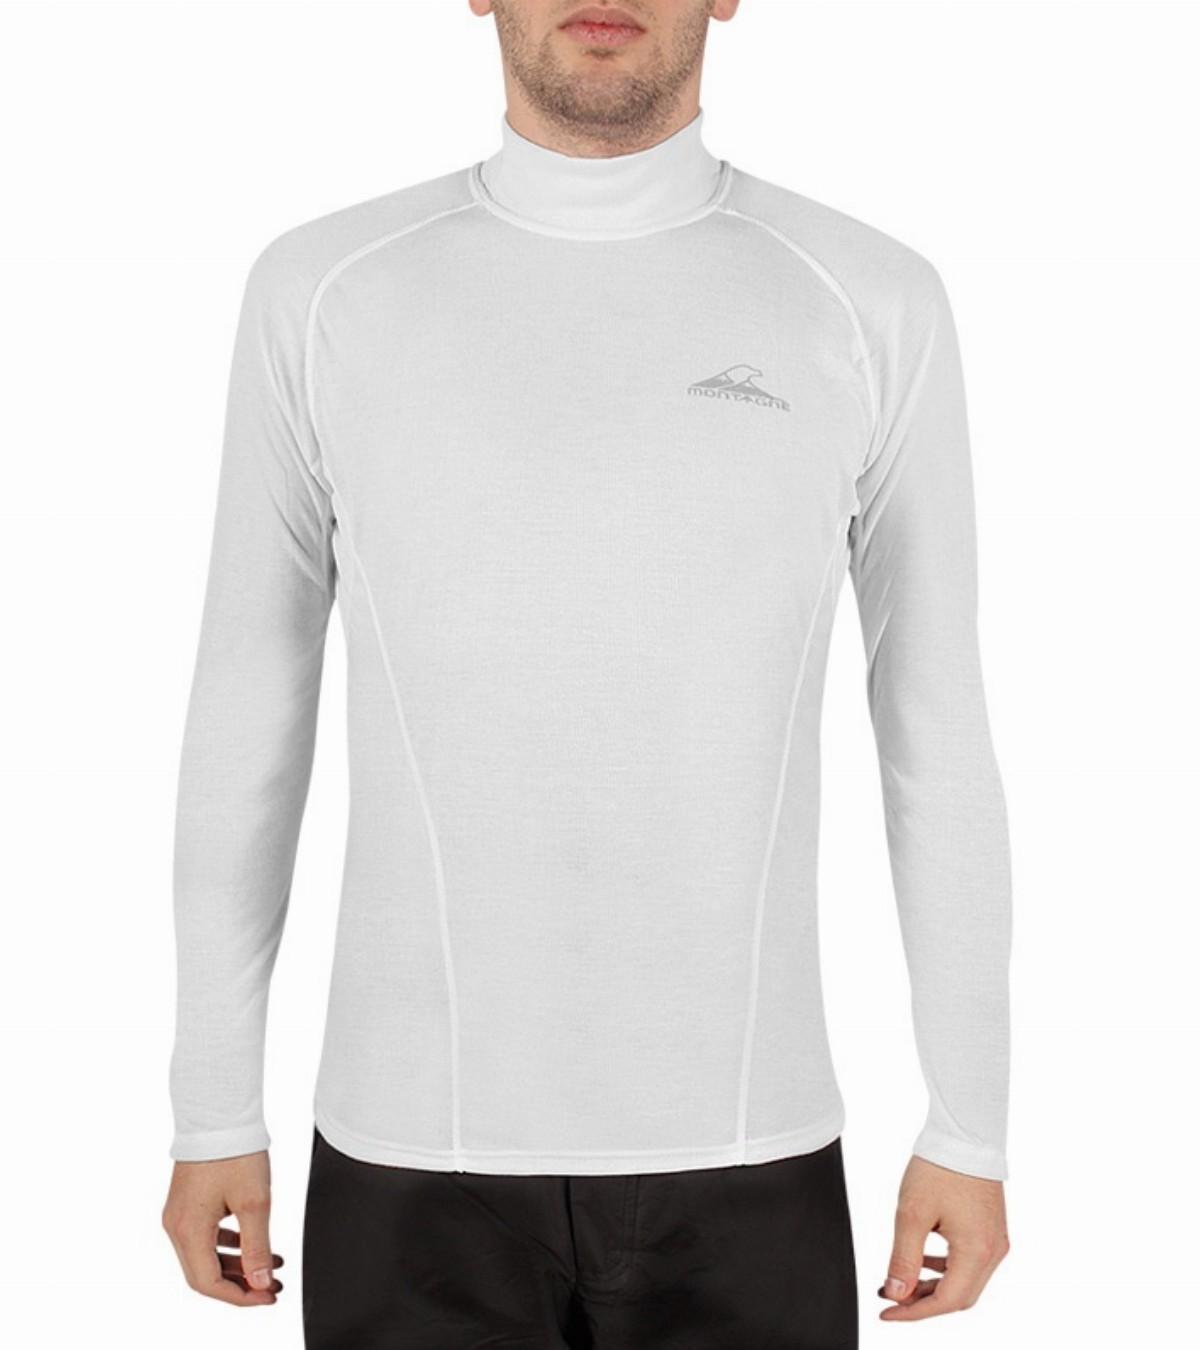 81e4f39cfdb Montagne: camisetas, camiseta, camisetas termicas, camiseta termica,  termicas, termica, camiseta termica cuello alto, interiores termicos,  remeras, remera, ...